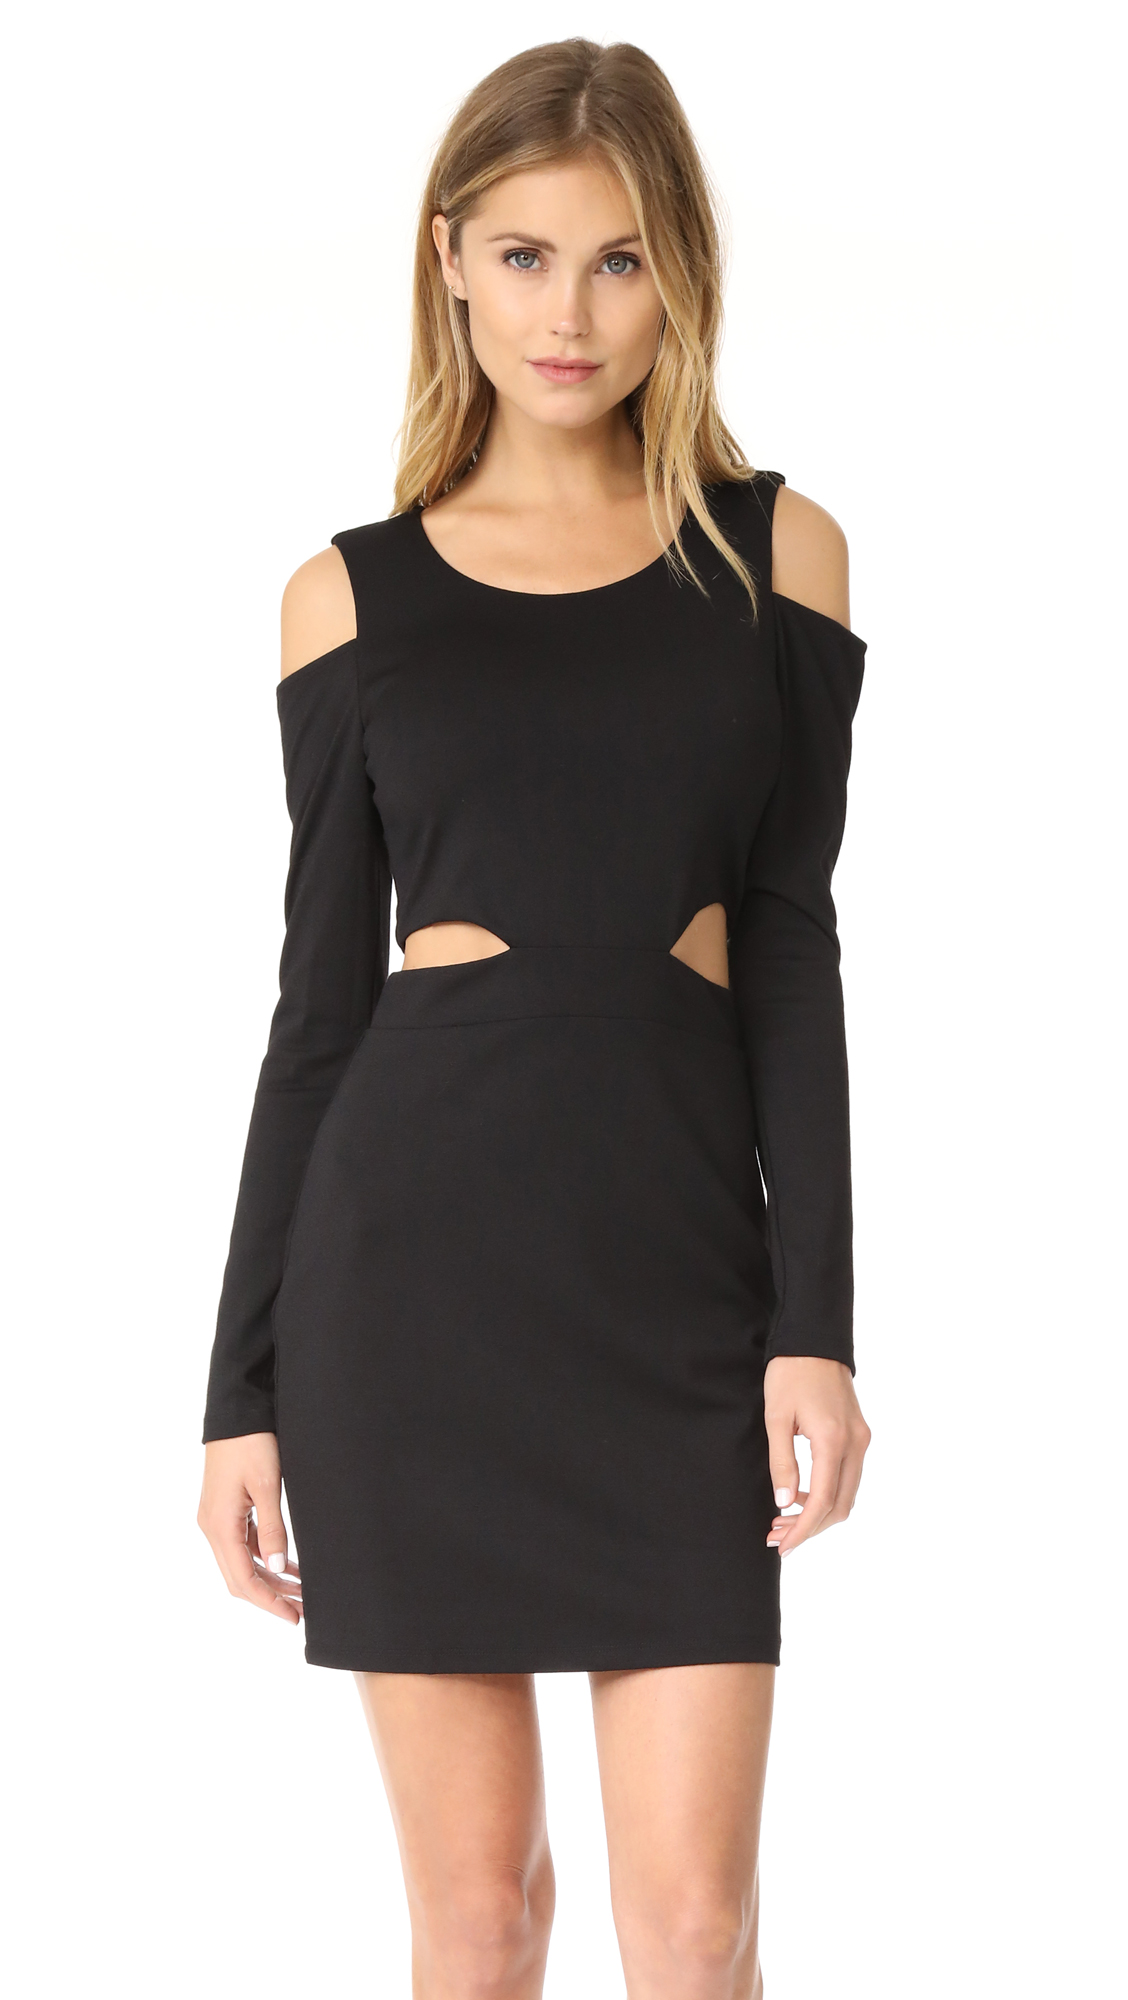 bobi Bobi Black Cutout Dress